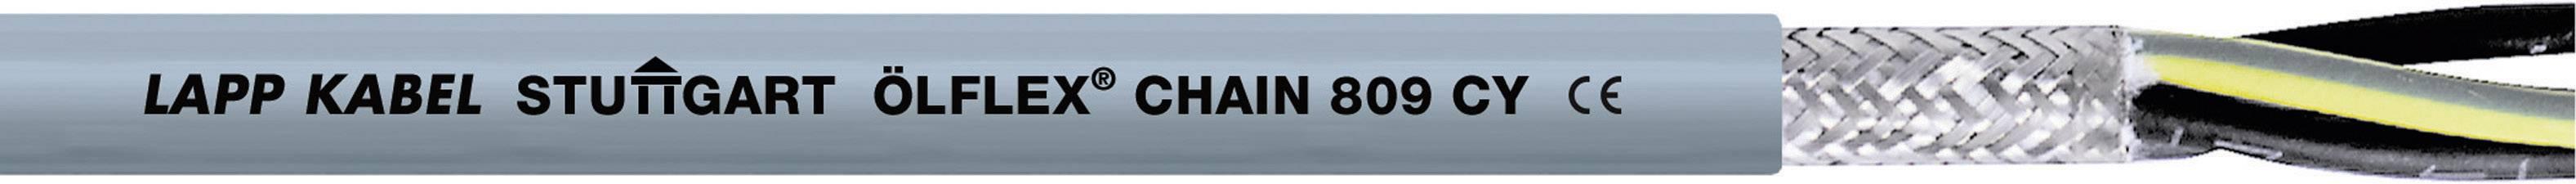 Žíla kabelu LappKabel ÖLFLEX CHAIN 809 CY 2X0,5 (1026751), 2x 0,5 mm², PVC, Ø 5,8 mm, stíněný, 100 m, šedá